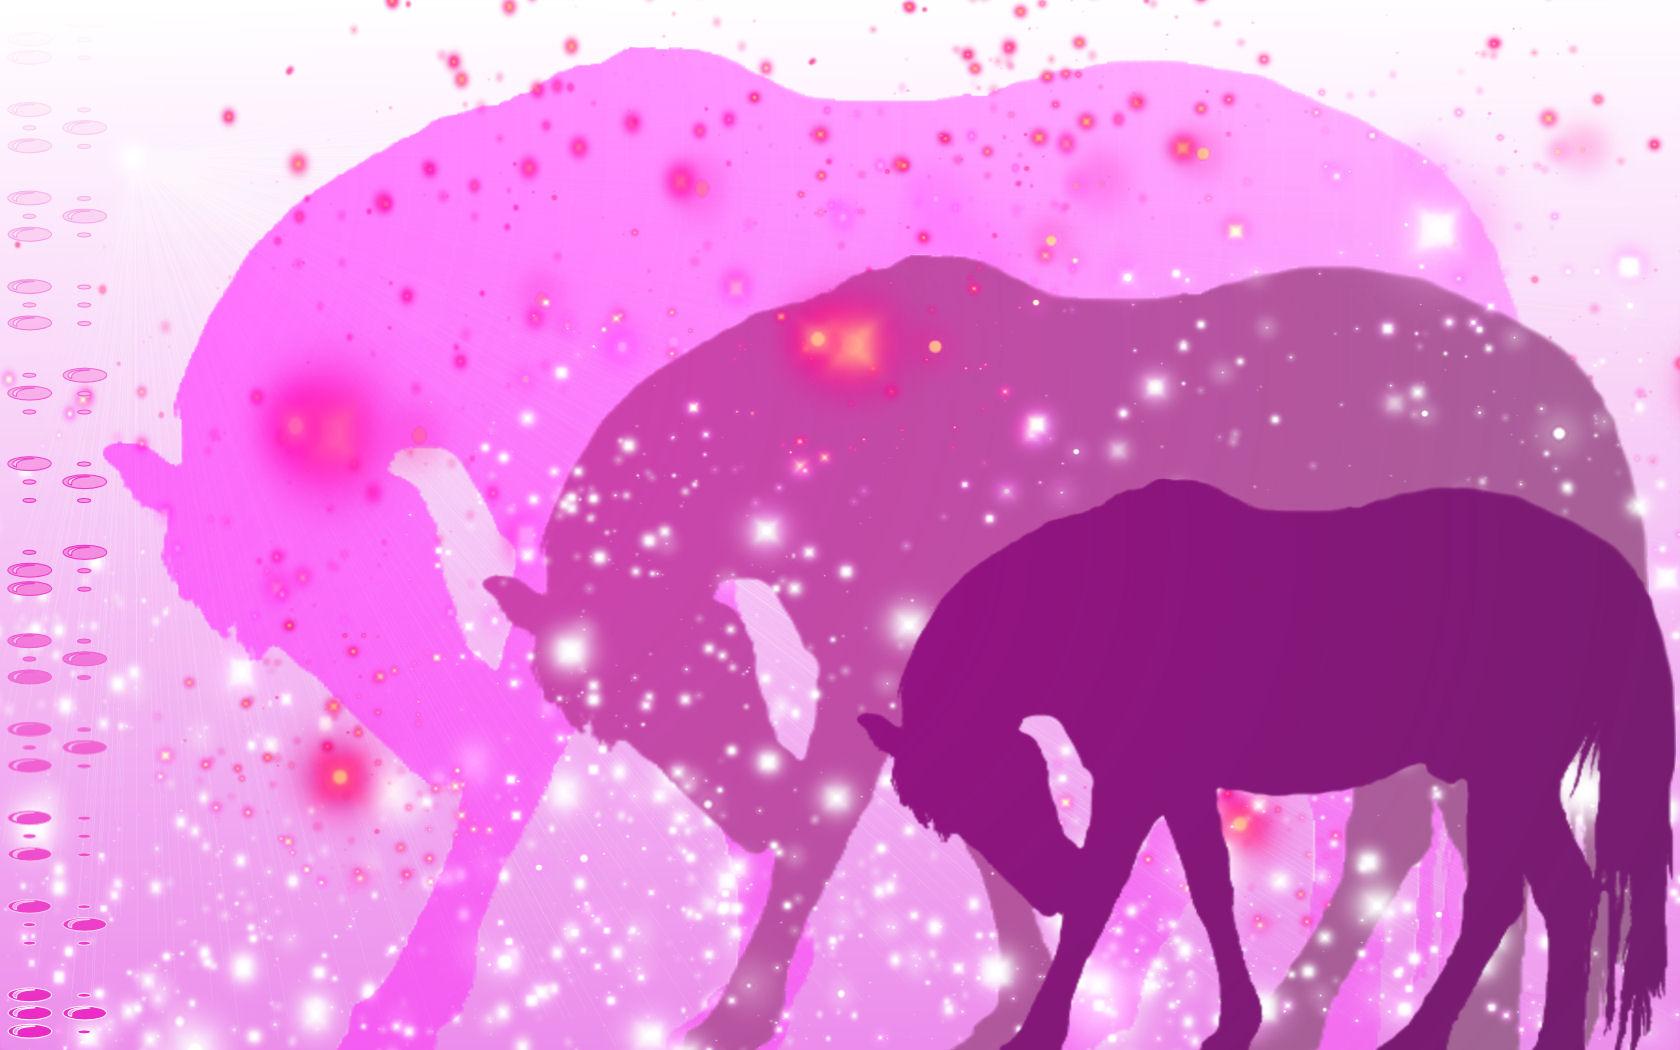 Must see   Wallpaper Horse Deviantart - sookie_pink_horse_wallpaper_by_sookiesooker  Image_312933.jpg